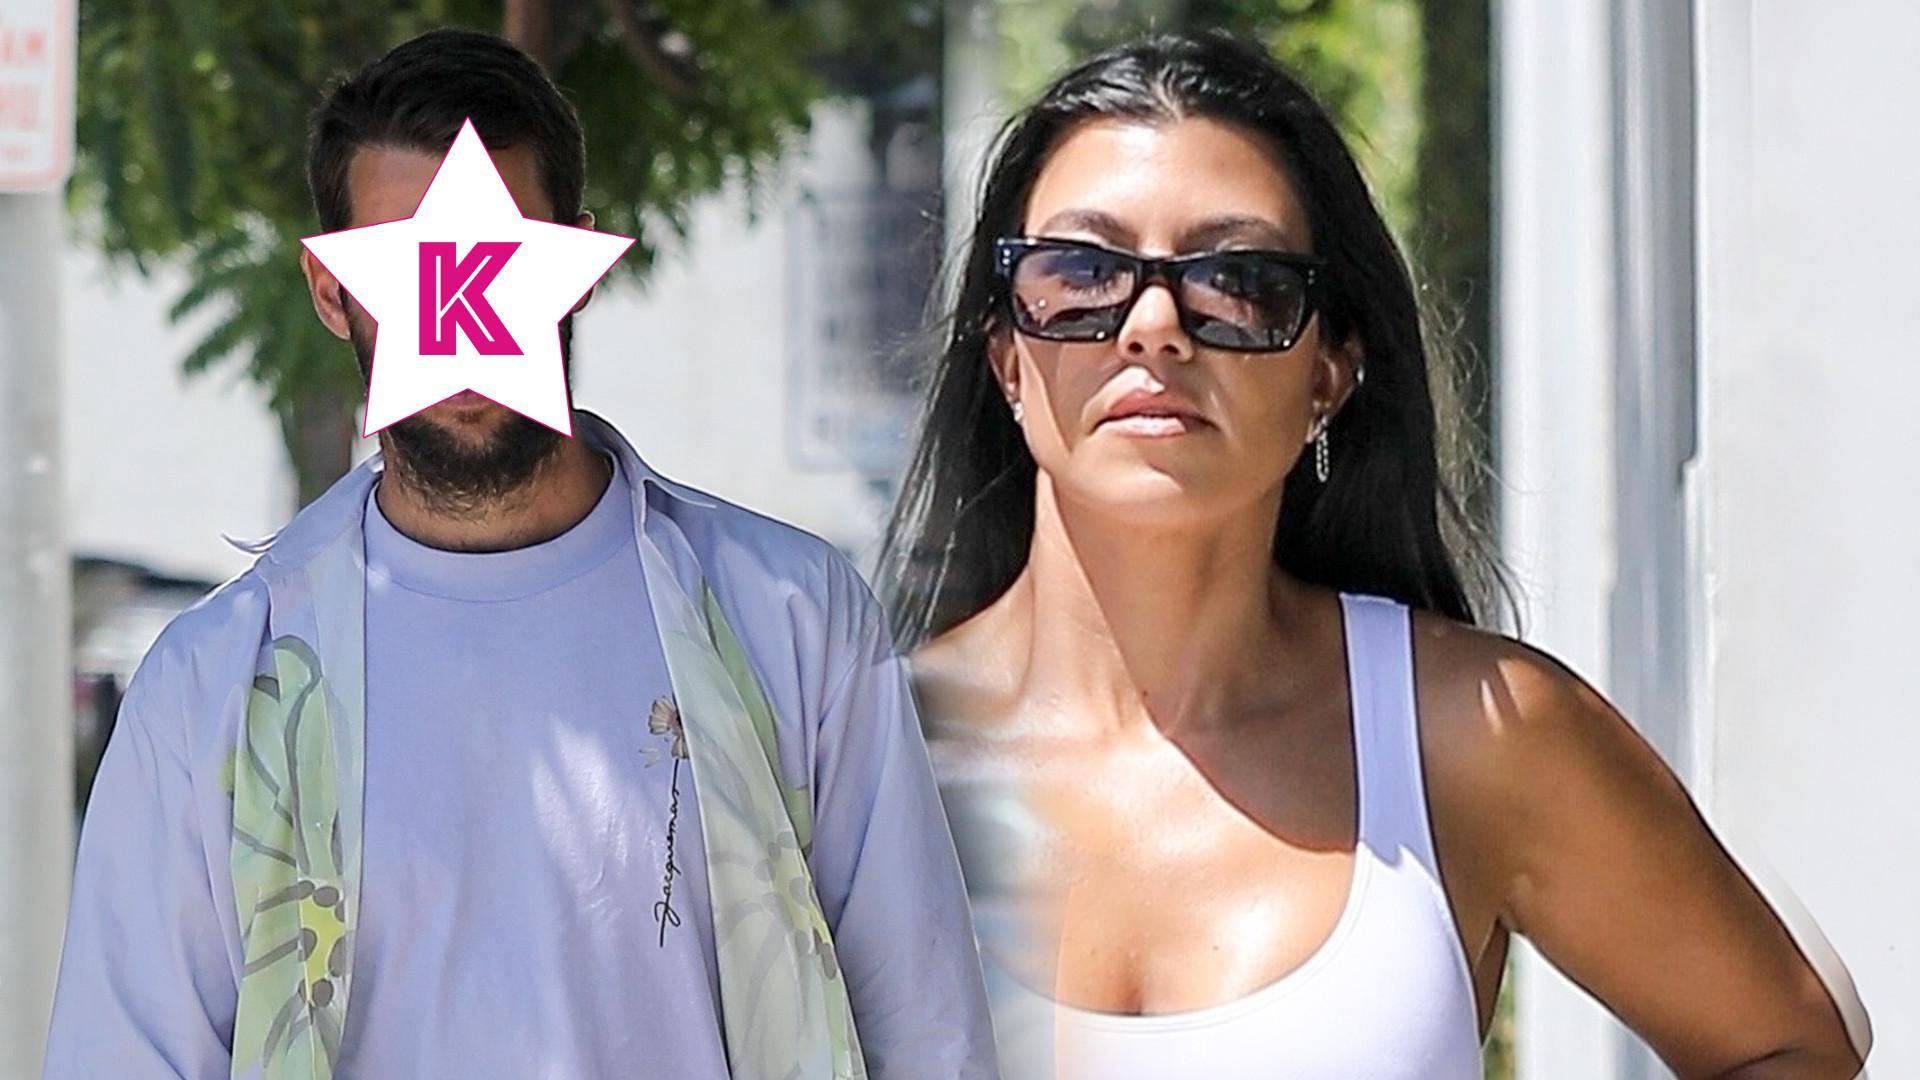 Kourtney Kardashian znalazła sobie KLONA Scotta Disicka? (ZDJĘCIA)